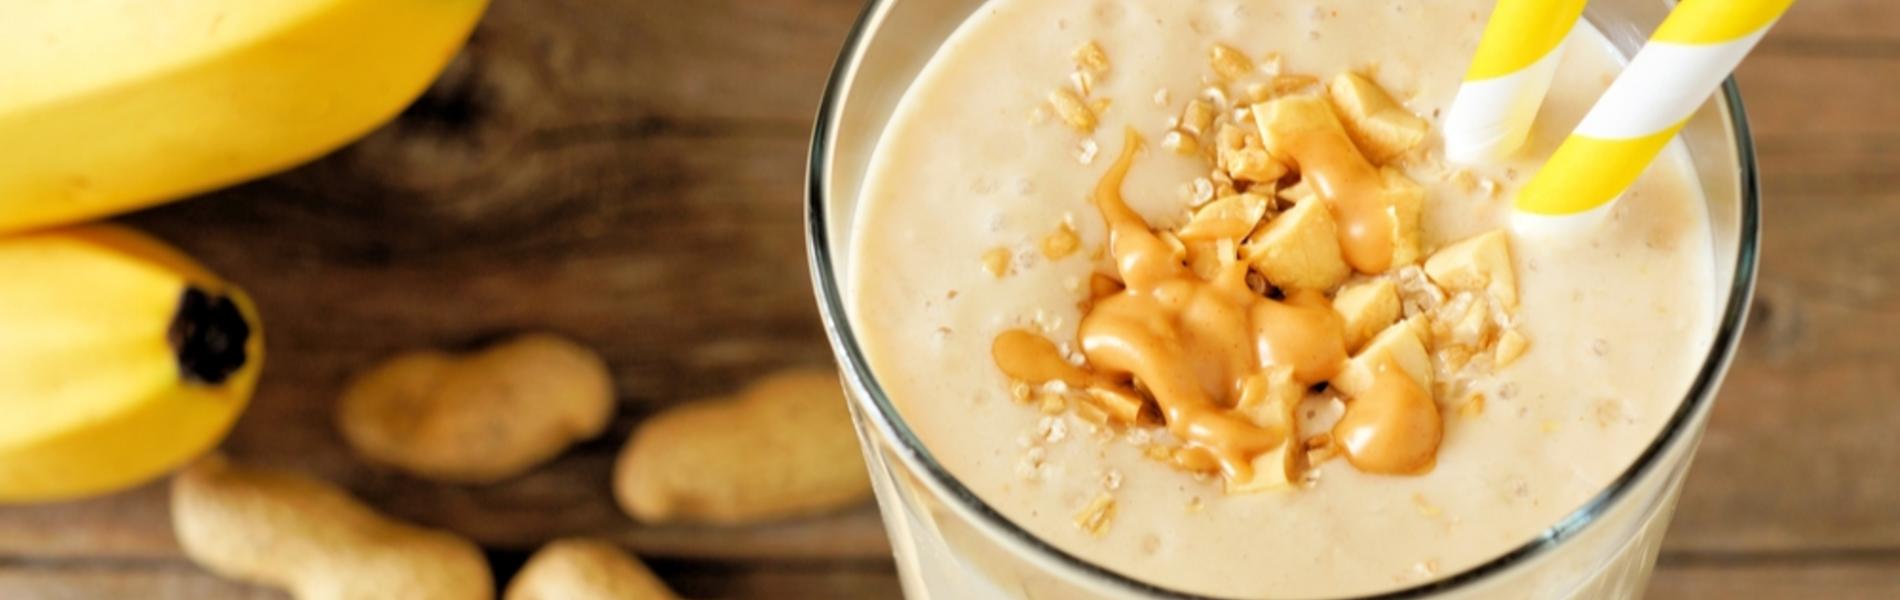 בננה, זרעי צ'יה ויוגורט: שייק אחרי פעילות גופנית